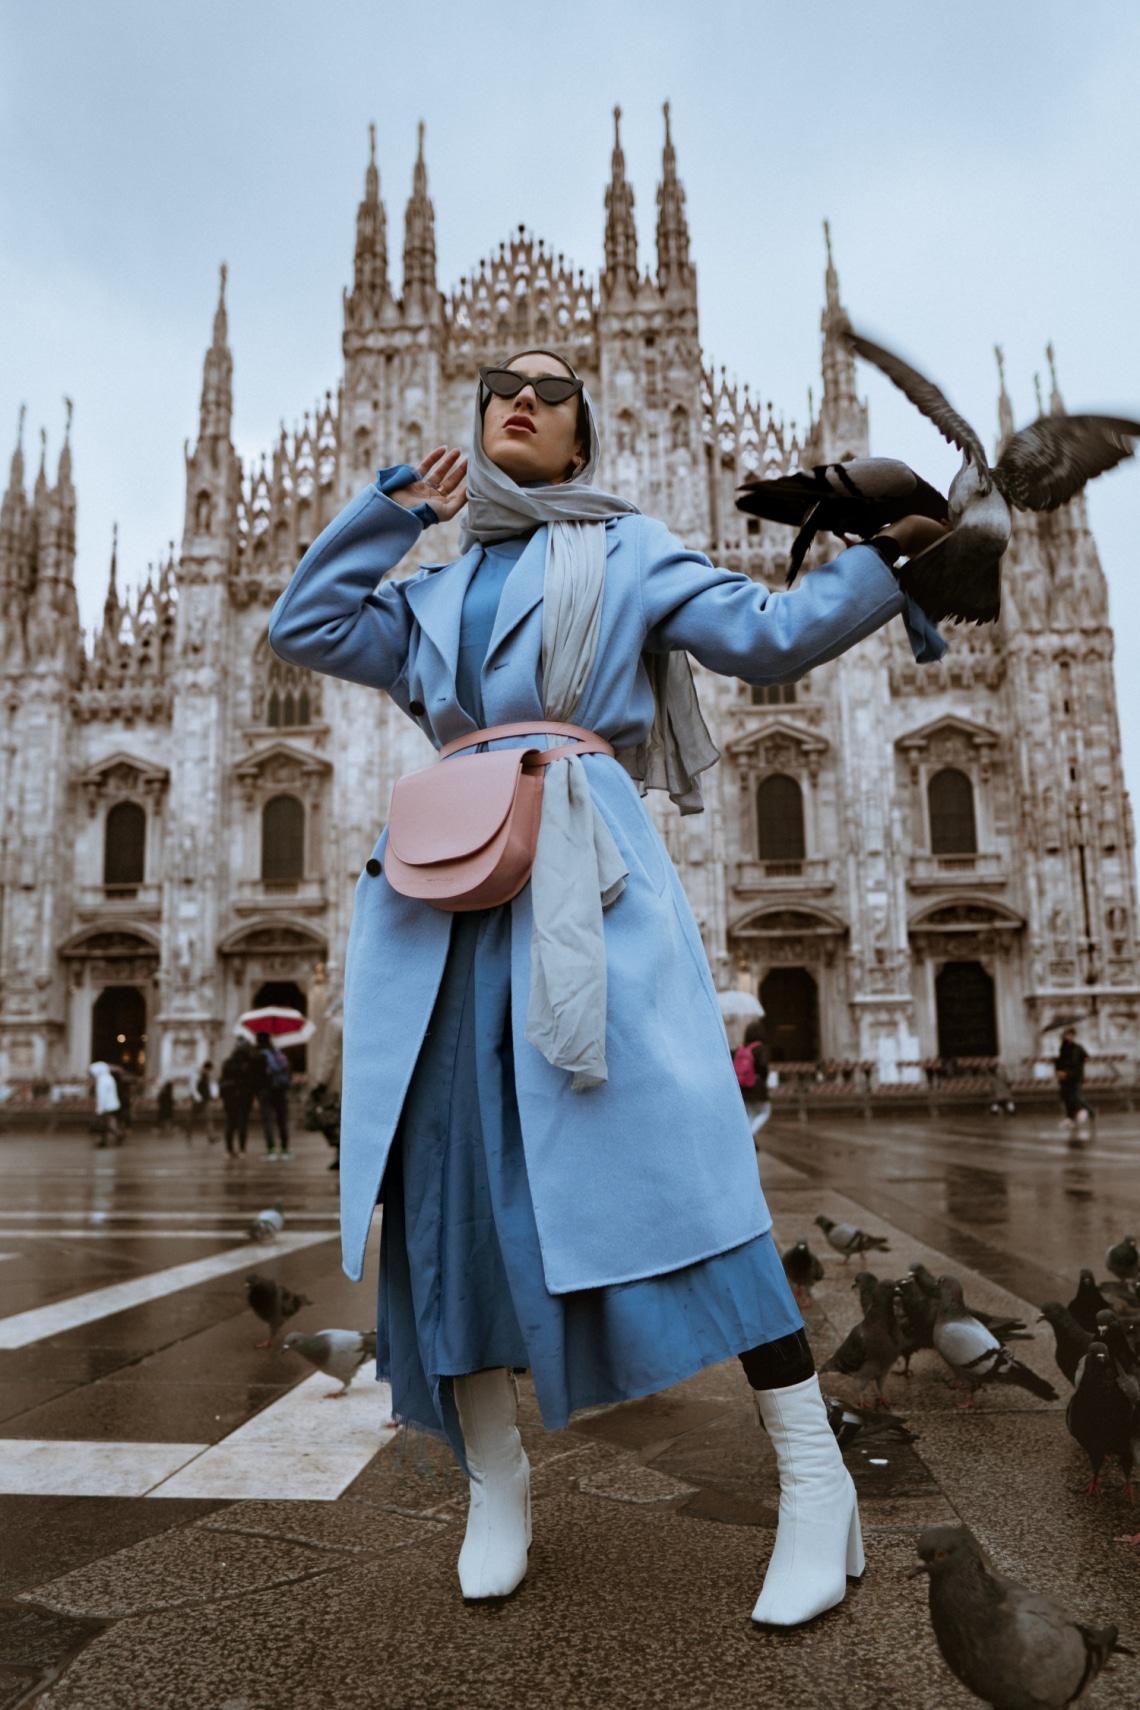 5 ország, 5 öltözködési stílus – Milyen trendek népszerűek a világ 5 pontján?